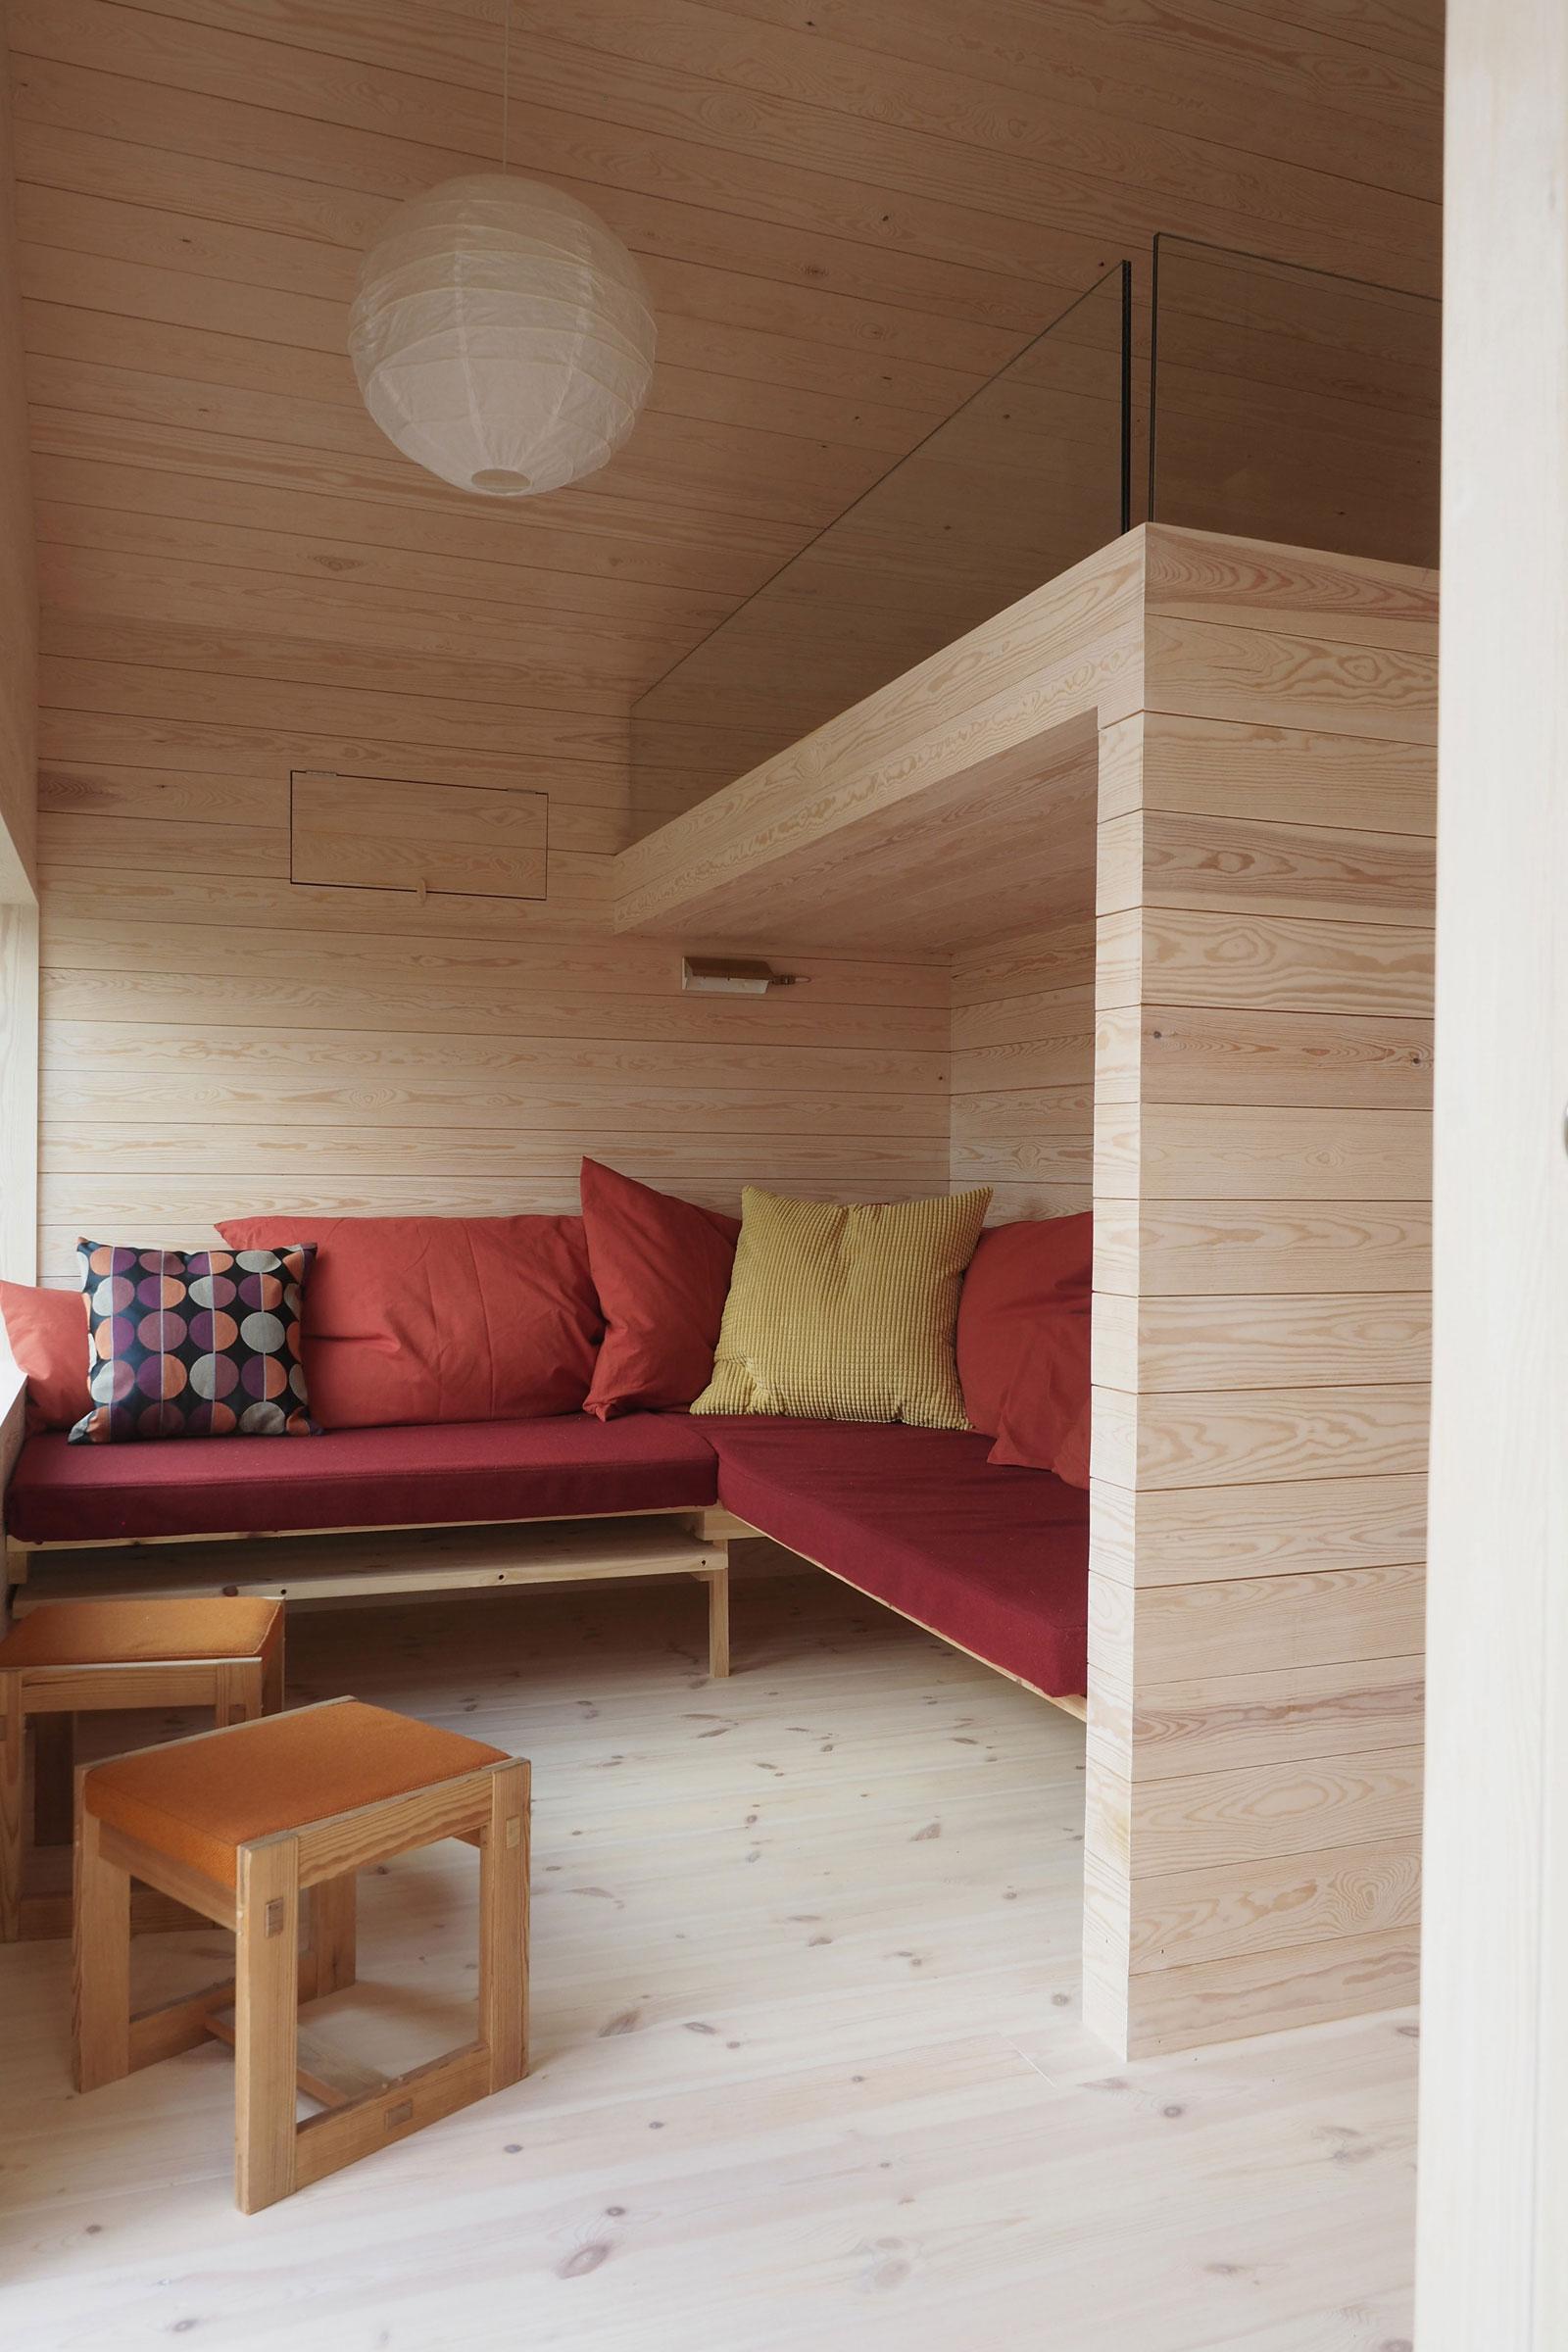 cabin-jon-danielsen-aarhus-architecture-residential-norway_dezeen_2364_col_19